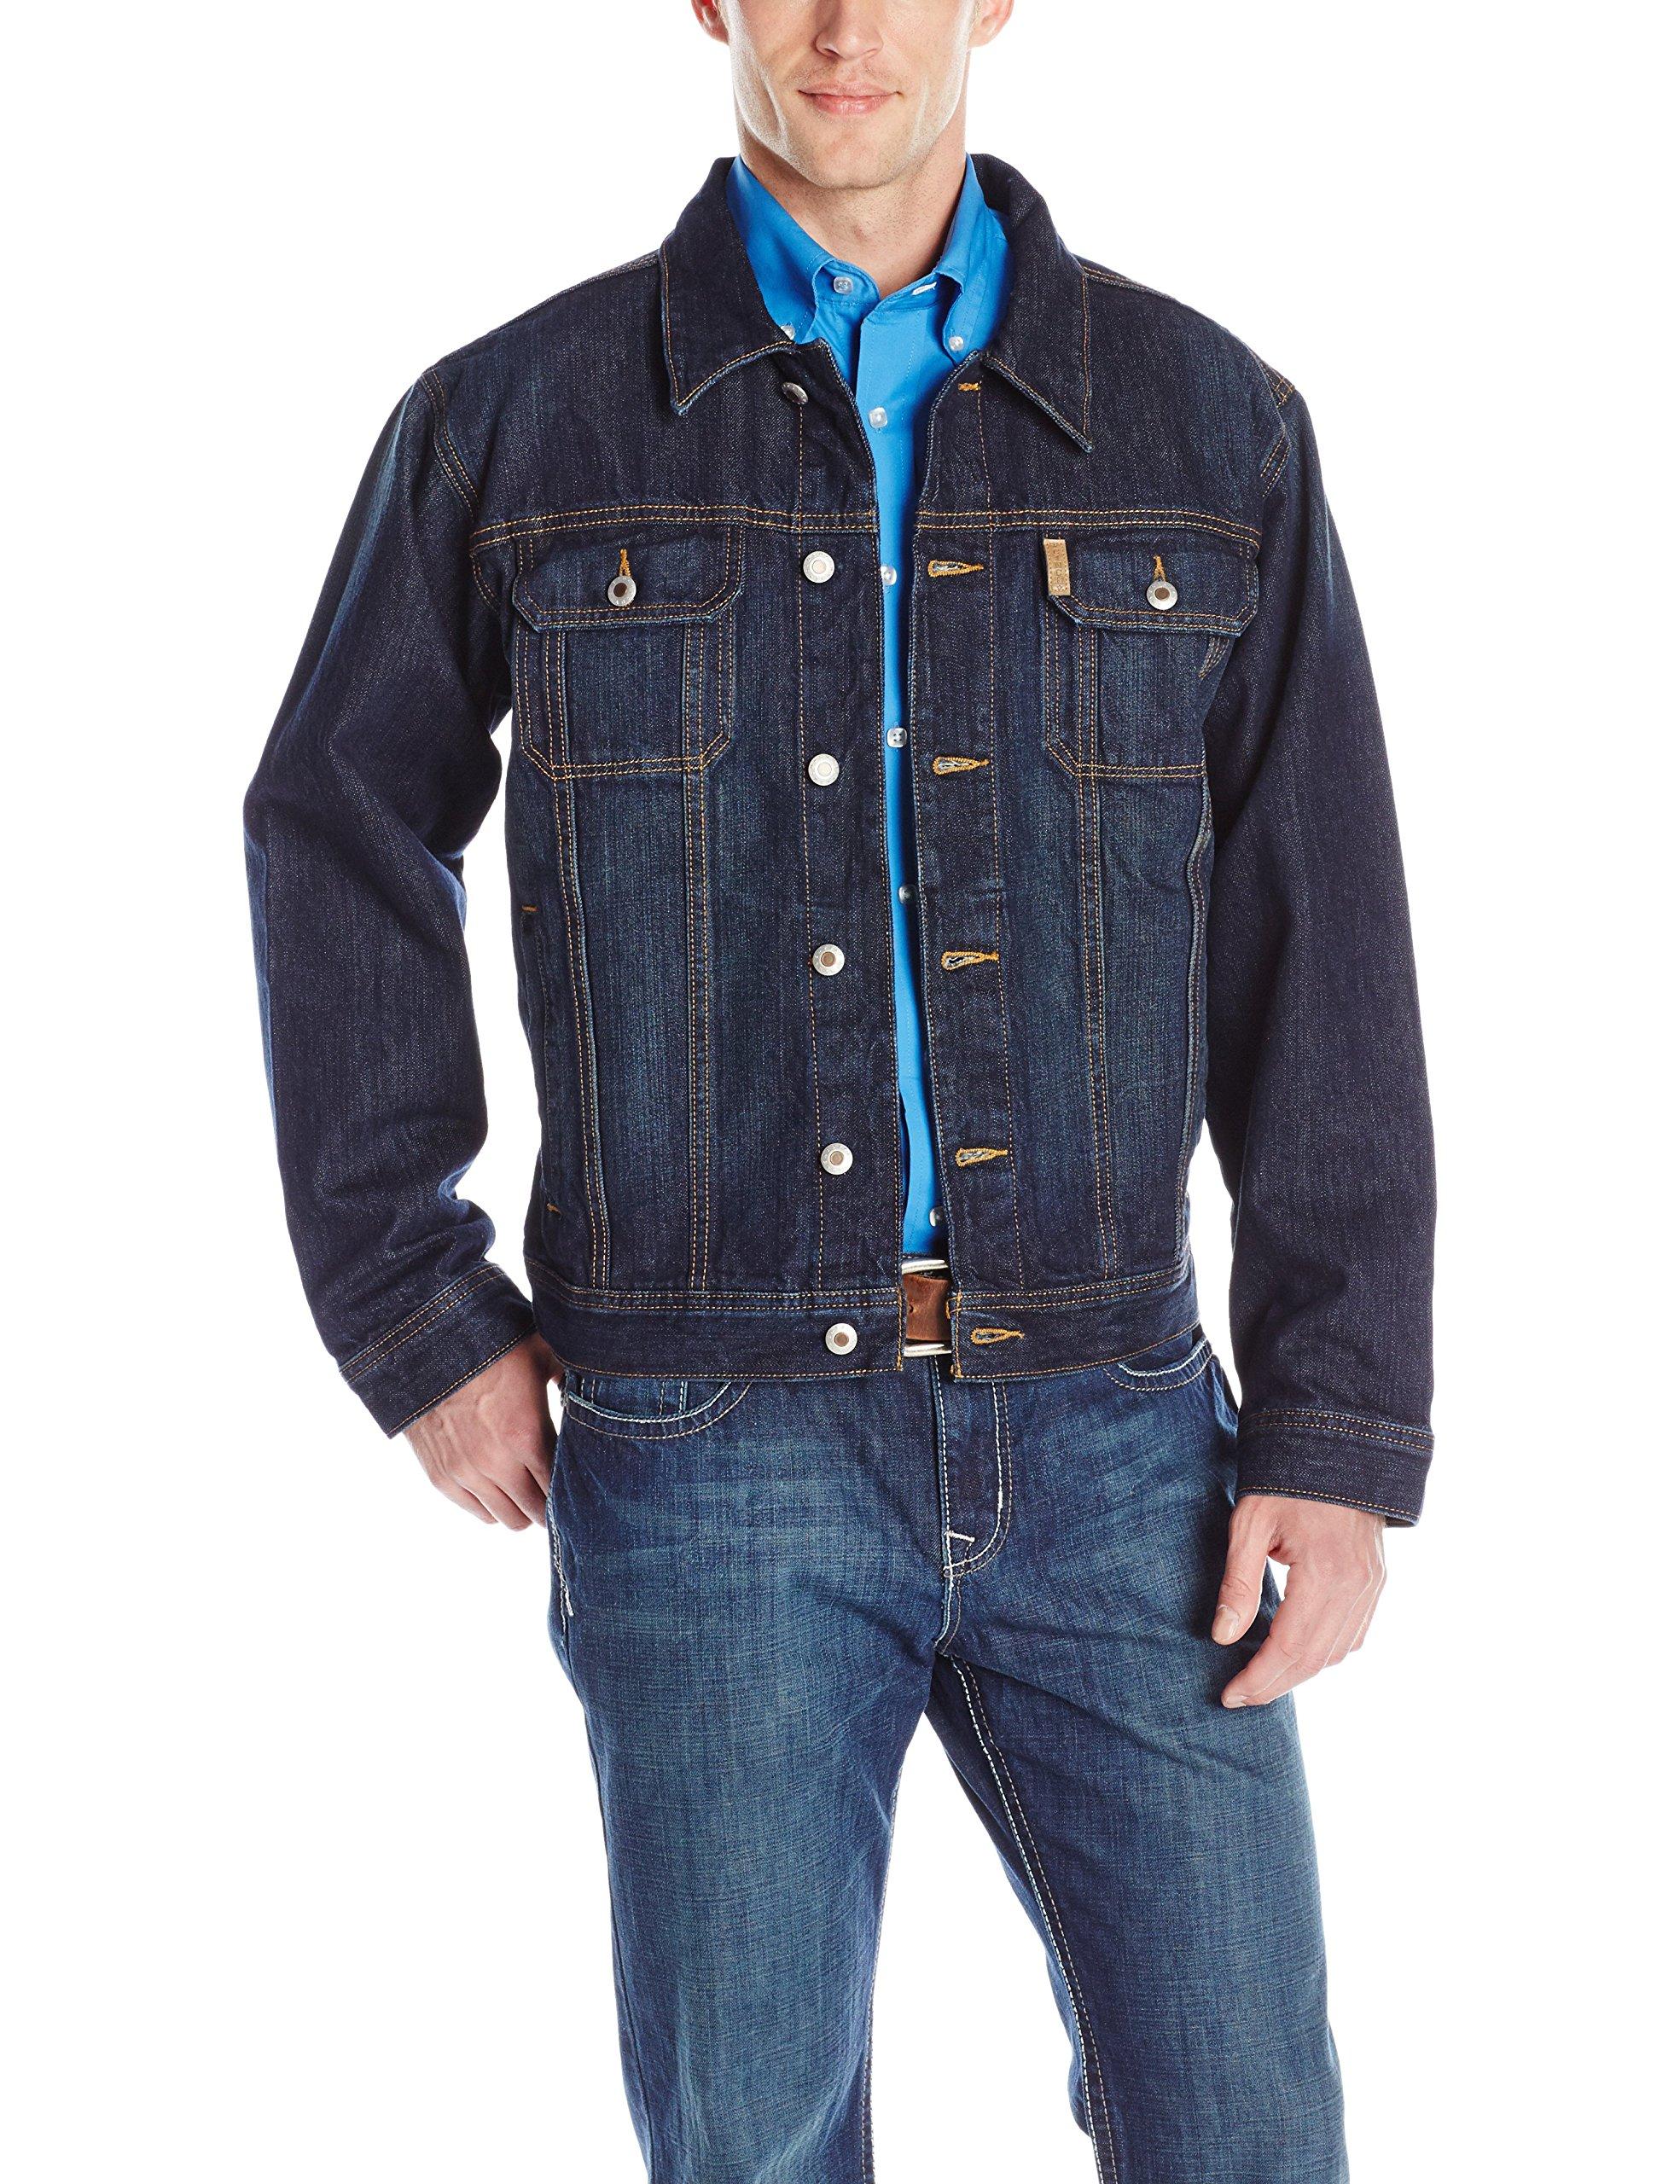 Cinch Men's Dark Stonewash Denim Jacket, Indigo, Medium by Cinch